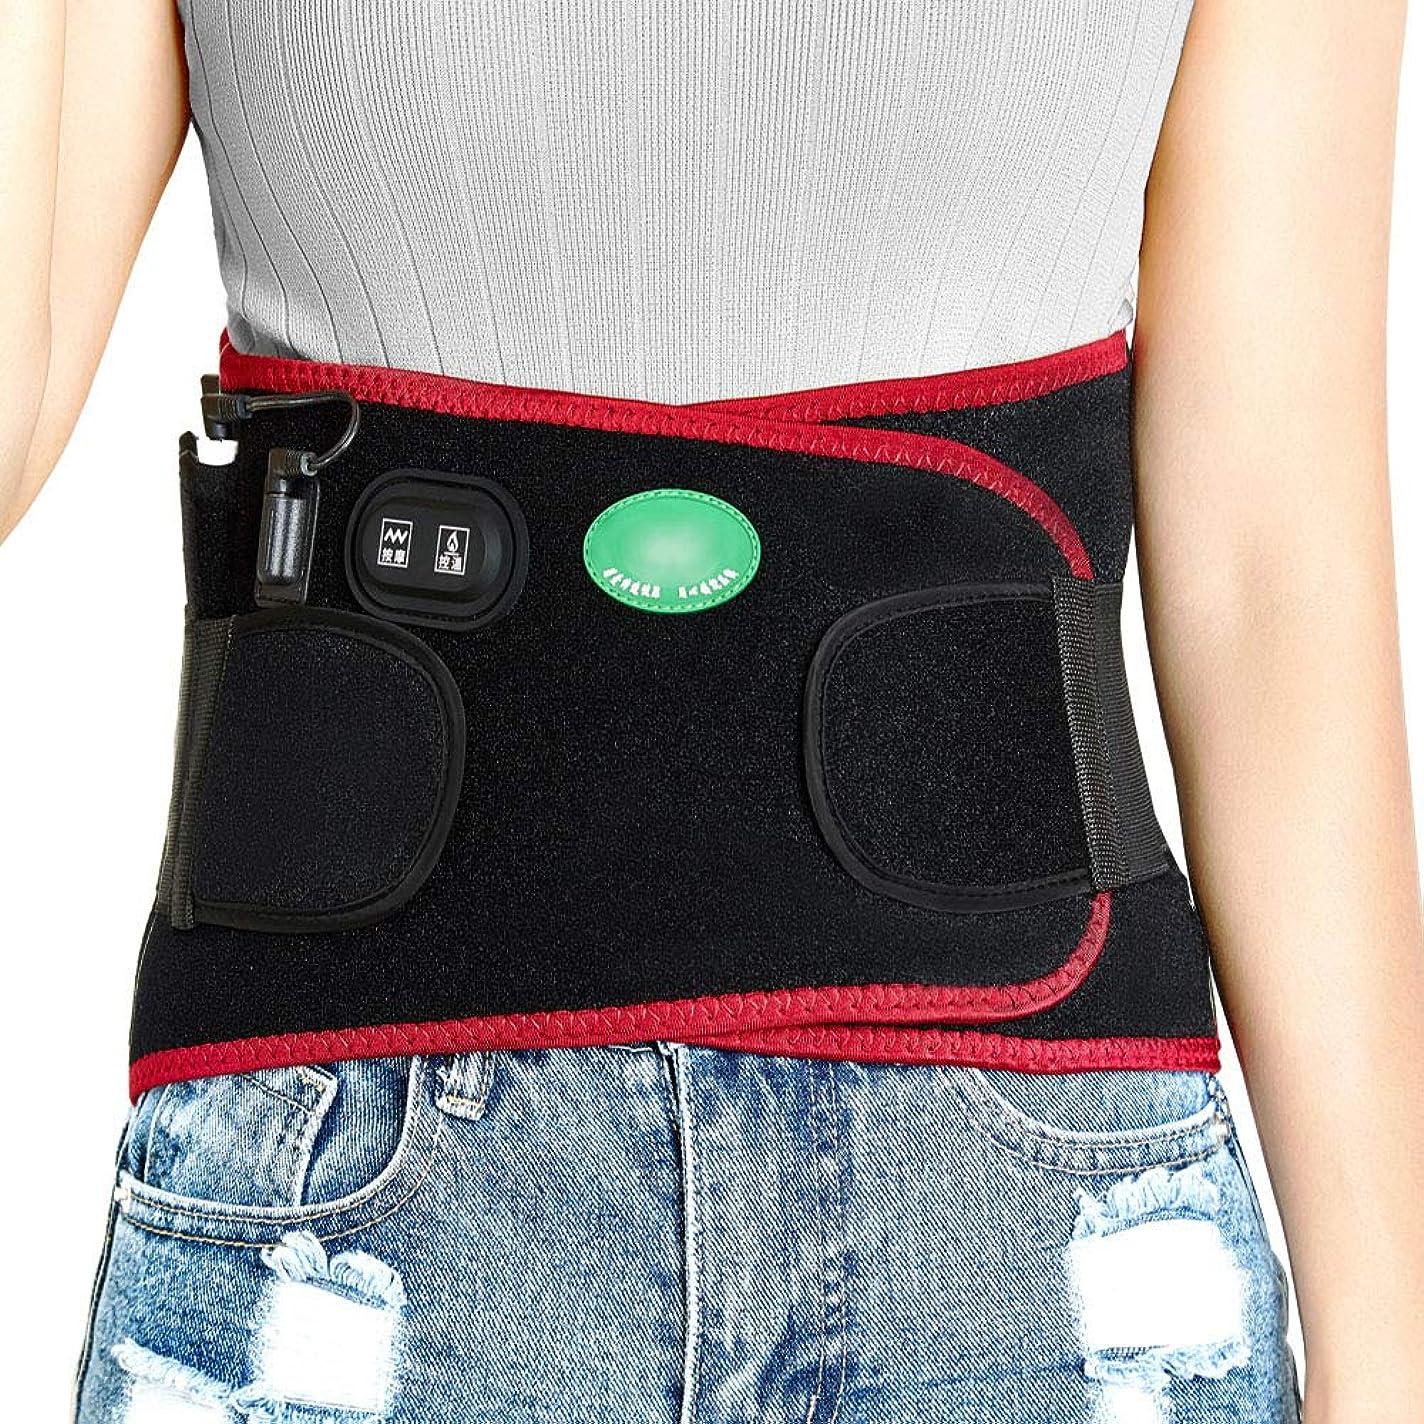 フレットヤング原告腰用温熱ベルト 腰を支える 腰間盤際立っている 遠赤外線 腰椎の痛み緩和 3段階温度調節 充電式マッサージ振動する労損 熱をつける男女